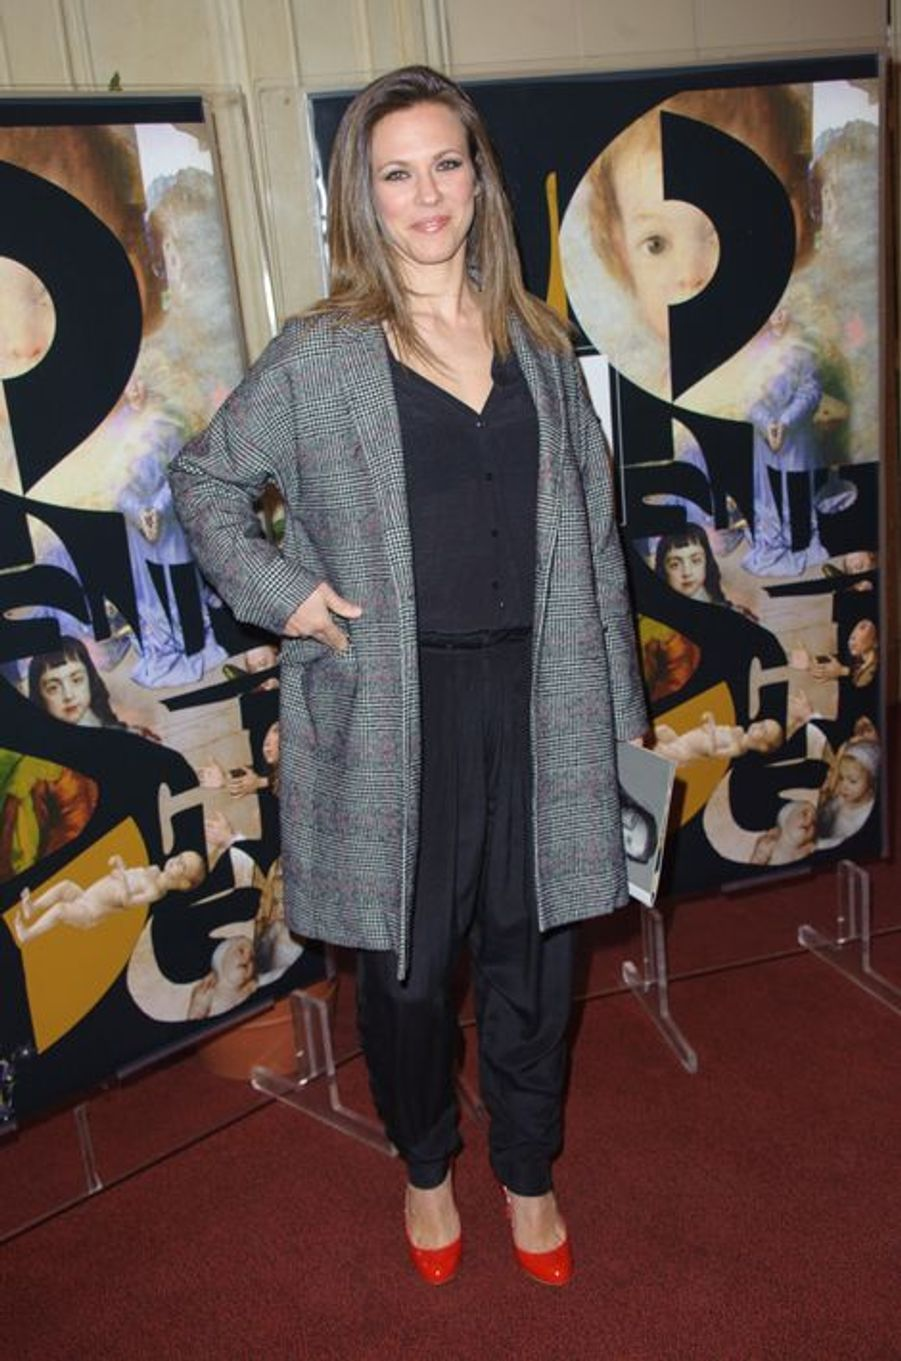 Lorie au gala Enfance Majuscule à Paris, le 9 mars 2015